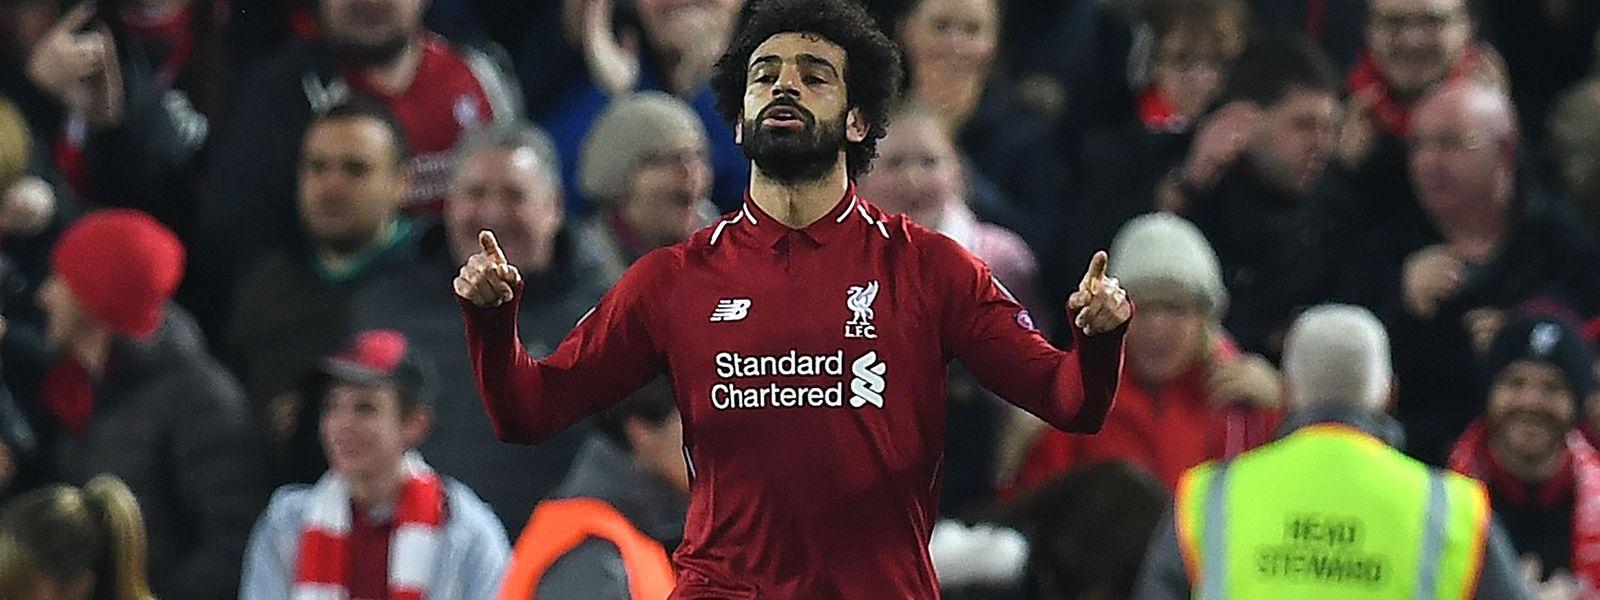 Mohamed Salah, le sauveur égyptien, a qualifié Liverpool pour les huitièmes de finale de la C1 grâce à son but inscrit mercredi soir contre Naples